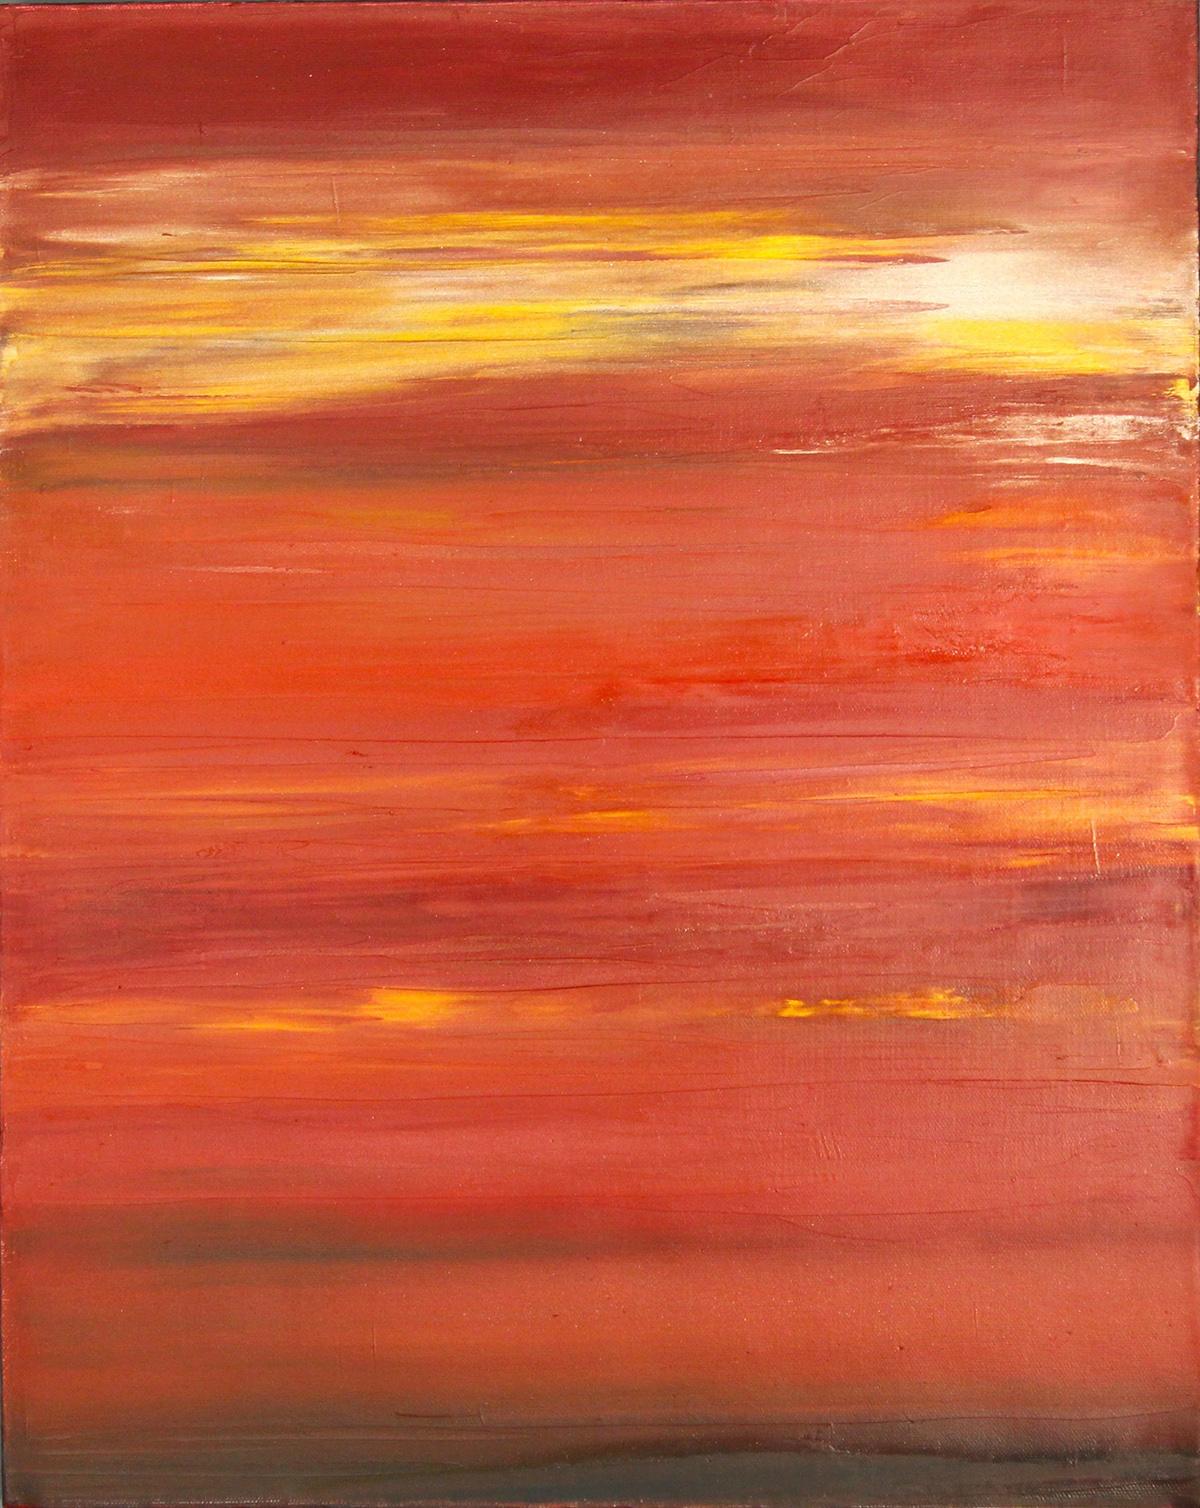 Marmalade Sky, 2012